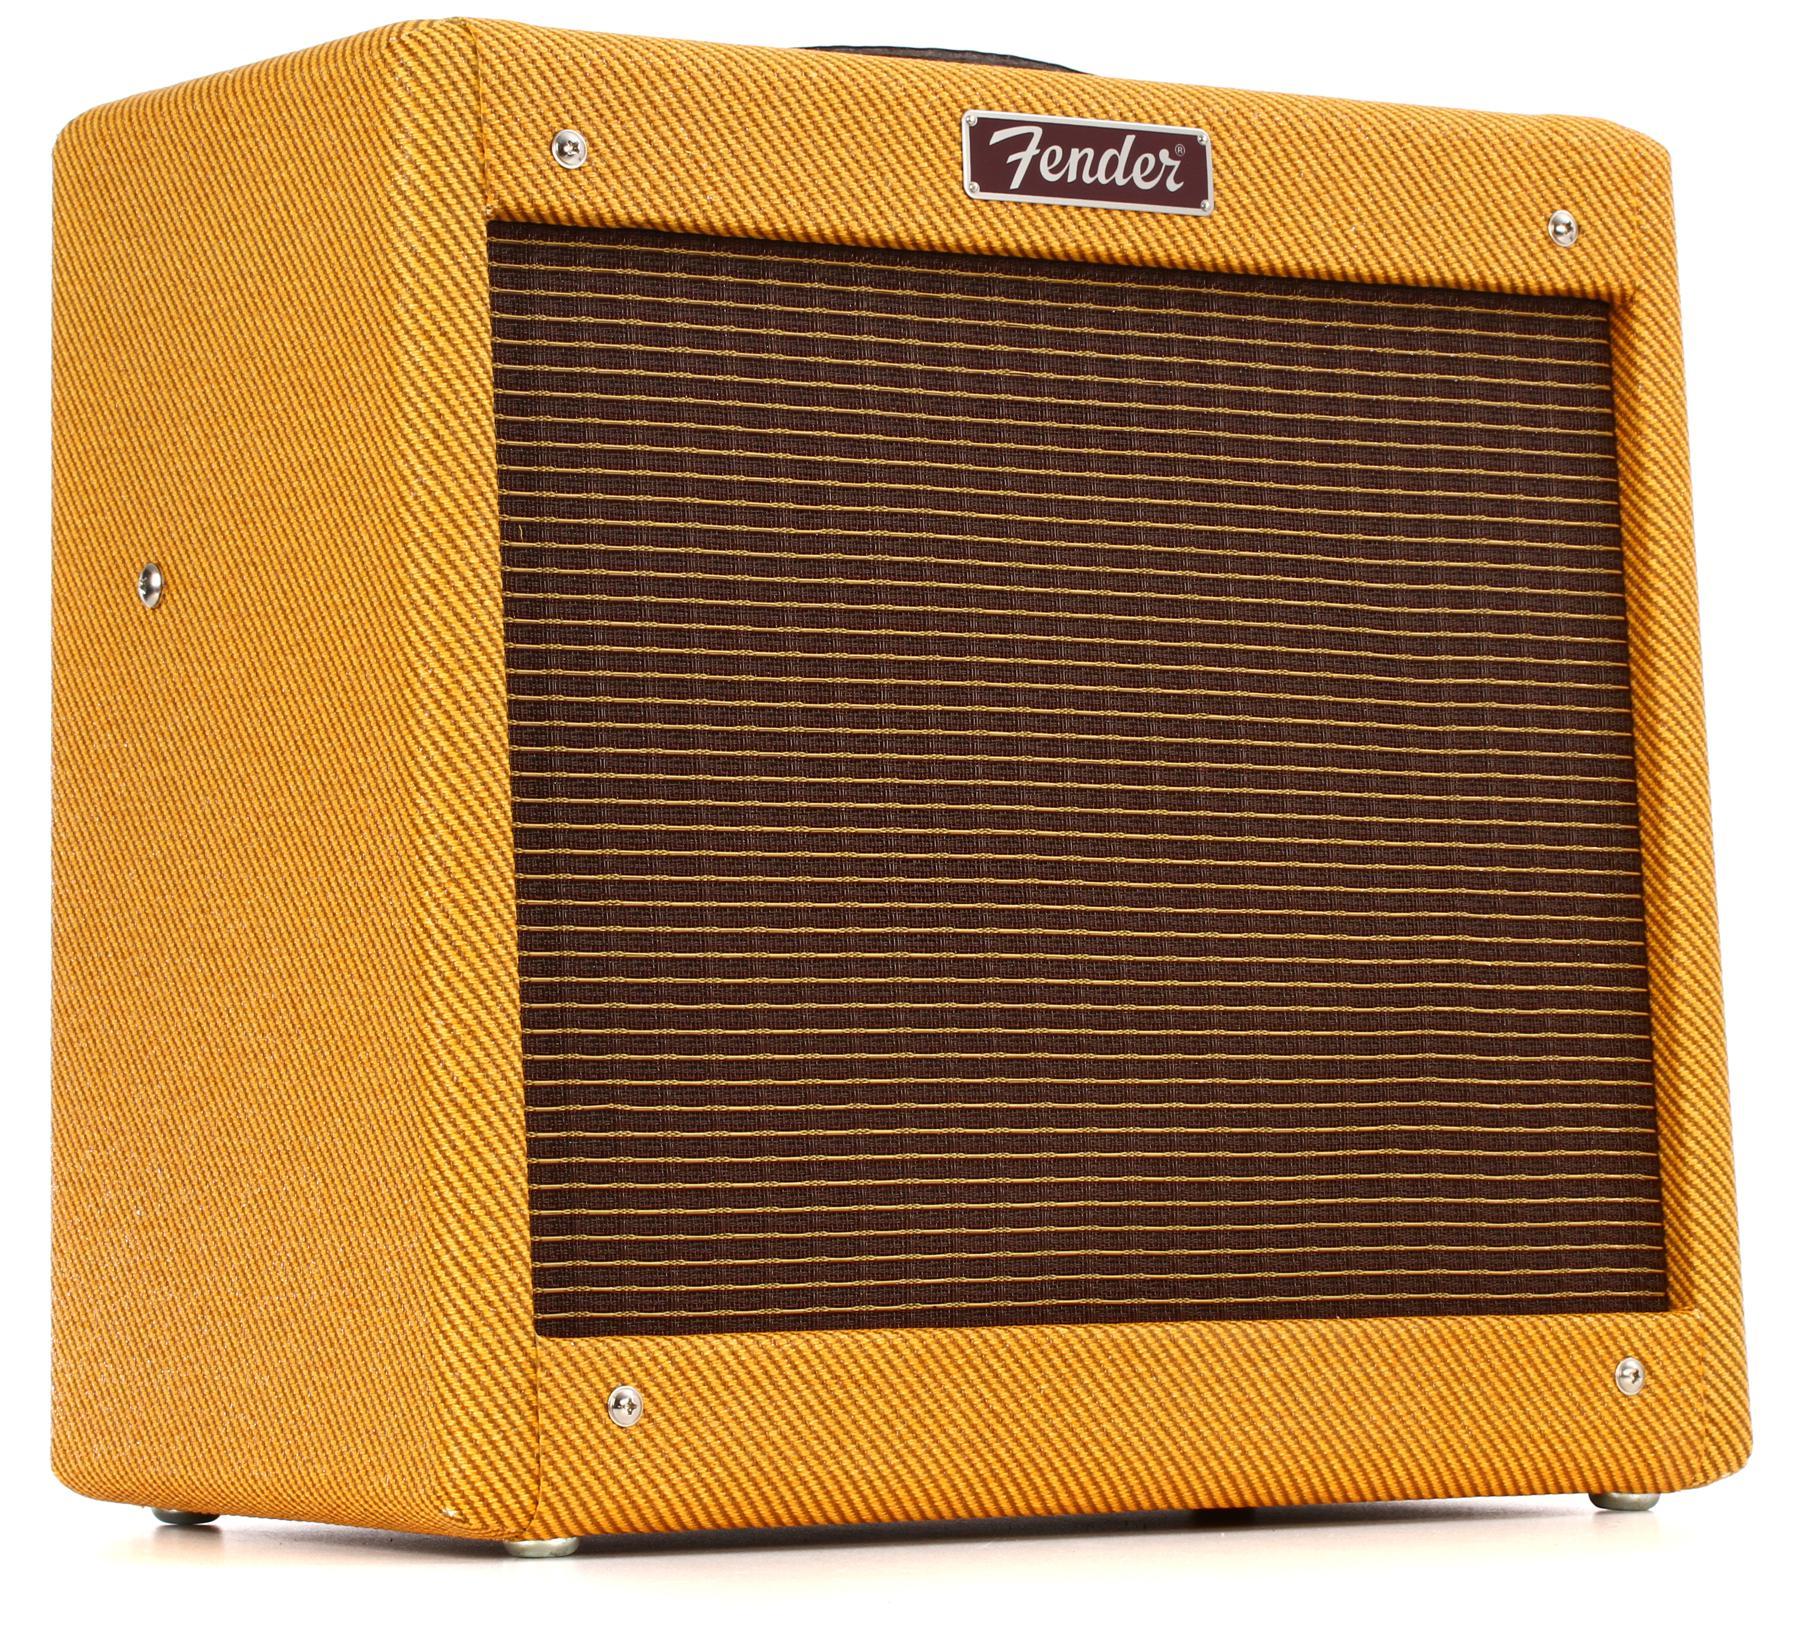 1. Fender Pro Junior IV 15 Watt